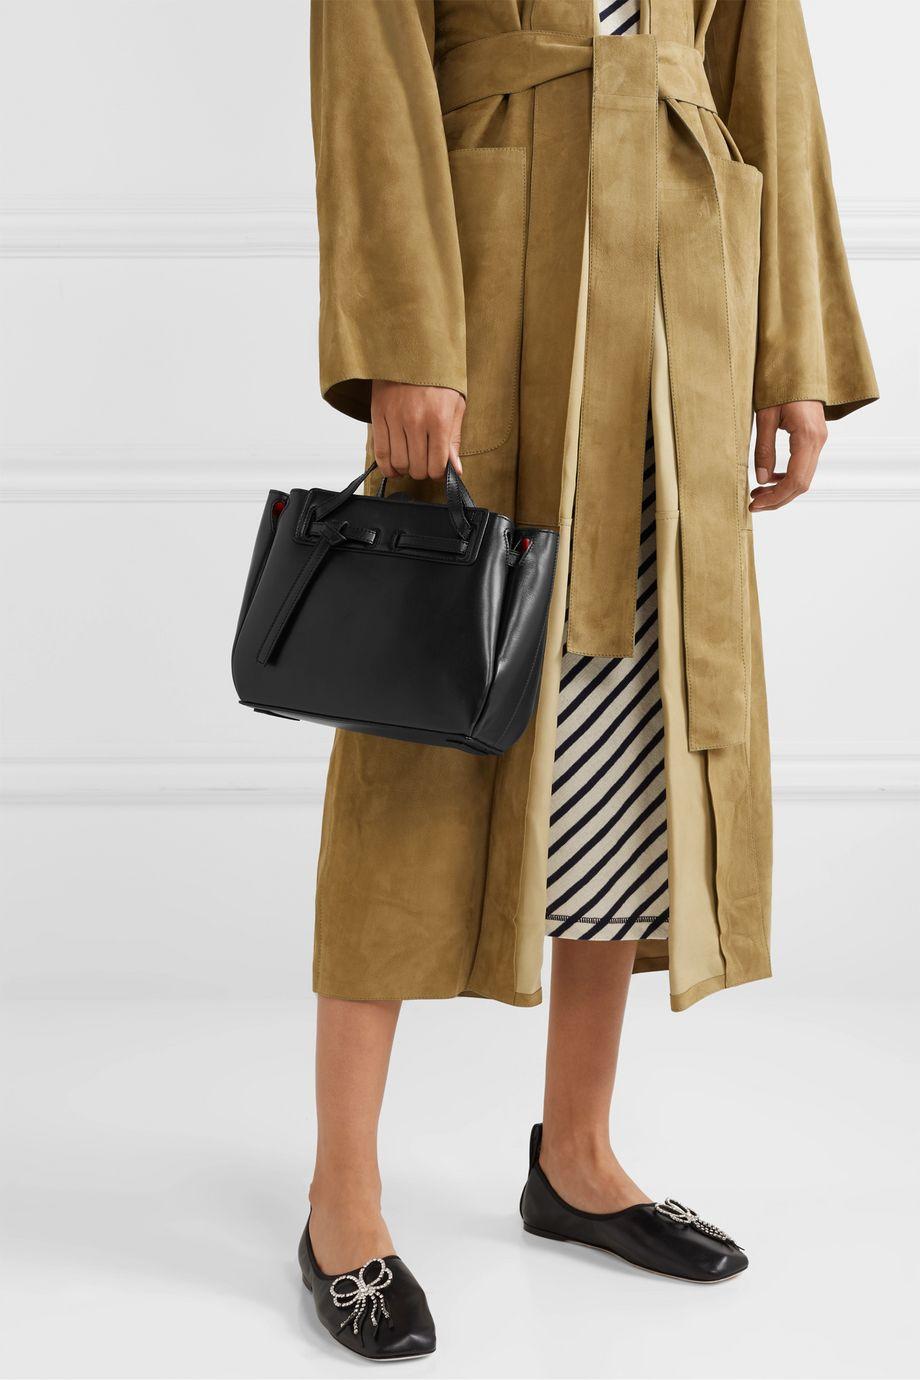 Loewe Lazo mini leather tote